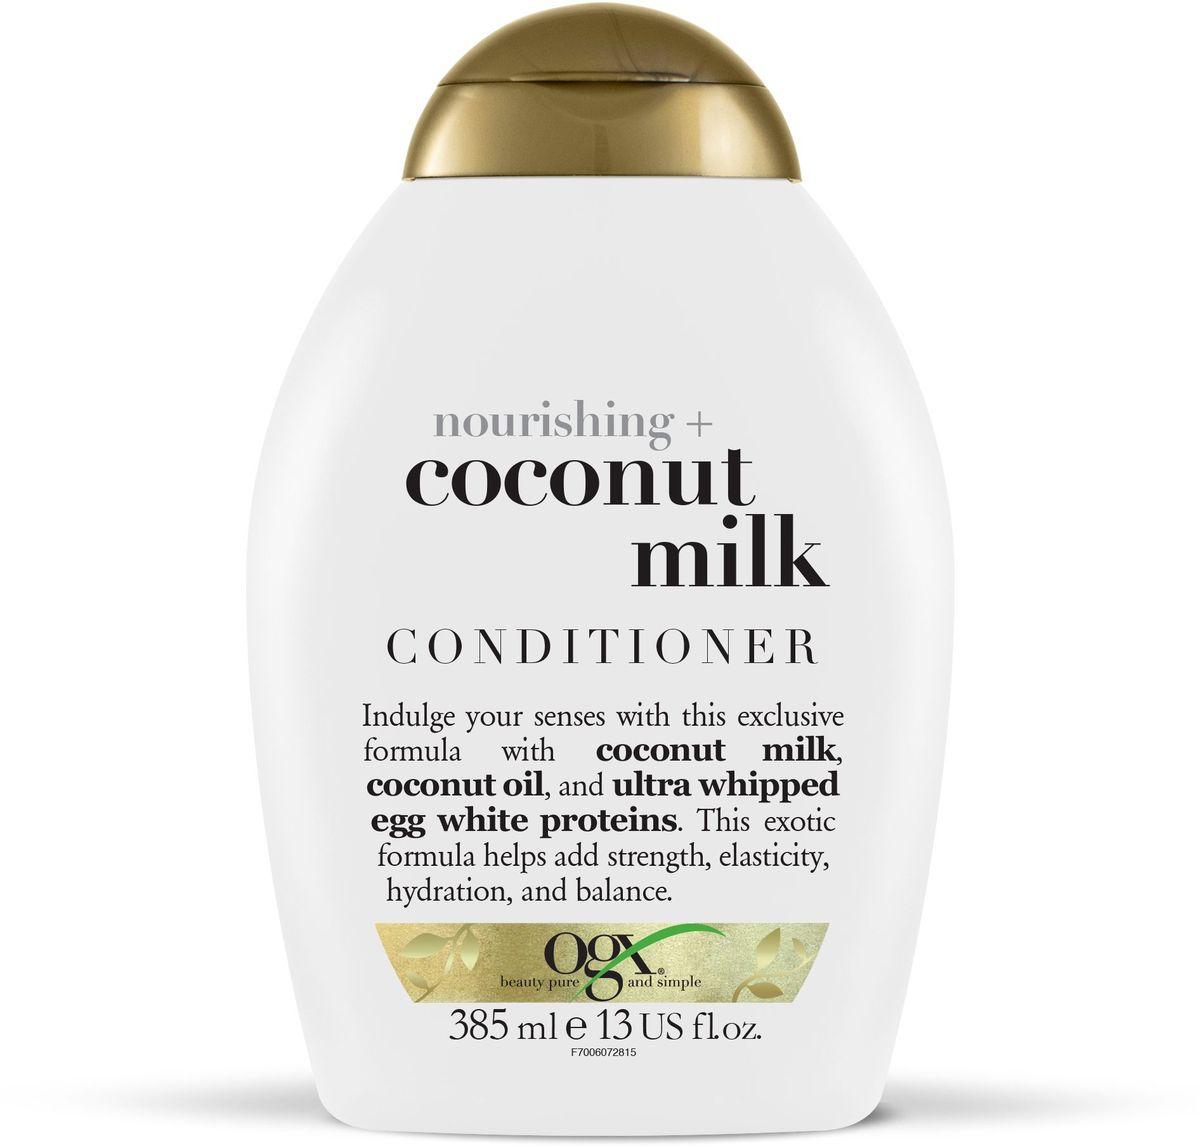 OGX Питательный кондиционер с кокосовым молоком, 385 млFS-36054Питательный кондиционер с кокосовым молоком– питает и увлажняет волосы, придавая им гладкость и блеск, кокосовое масло, входящее в состав продукта наполняет волосы влагой от корней до самых кончиков, восстанавливая водный баланс. Придает волосам силу.